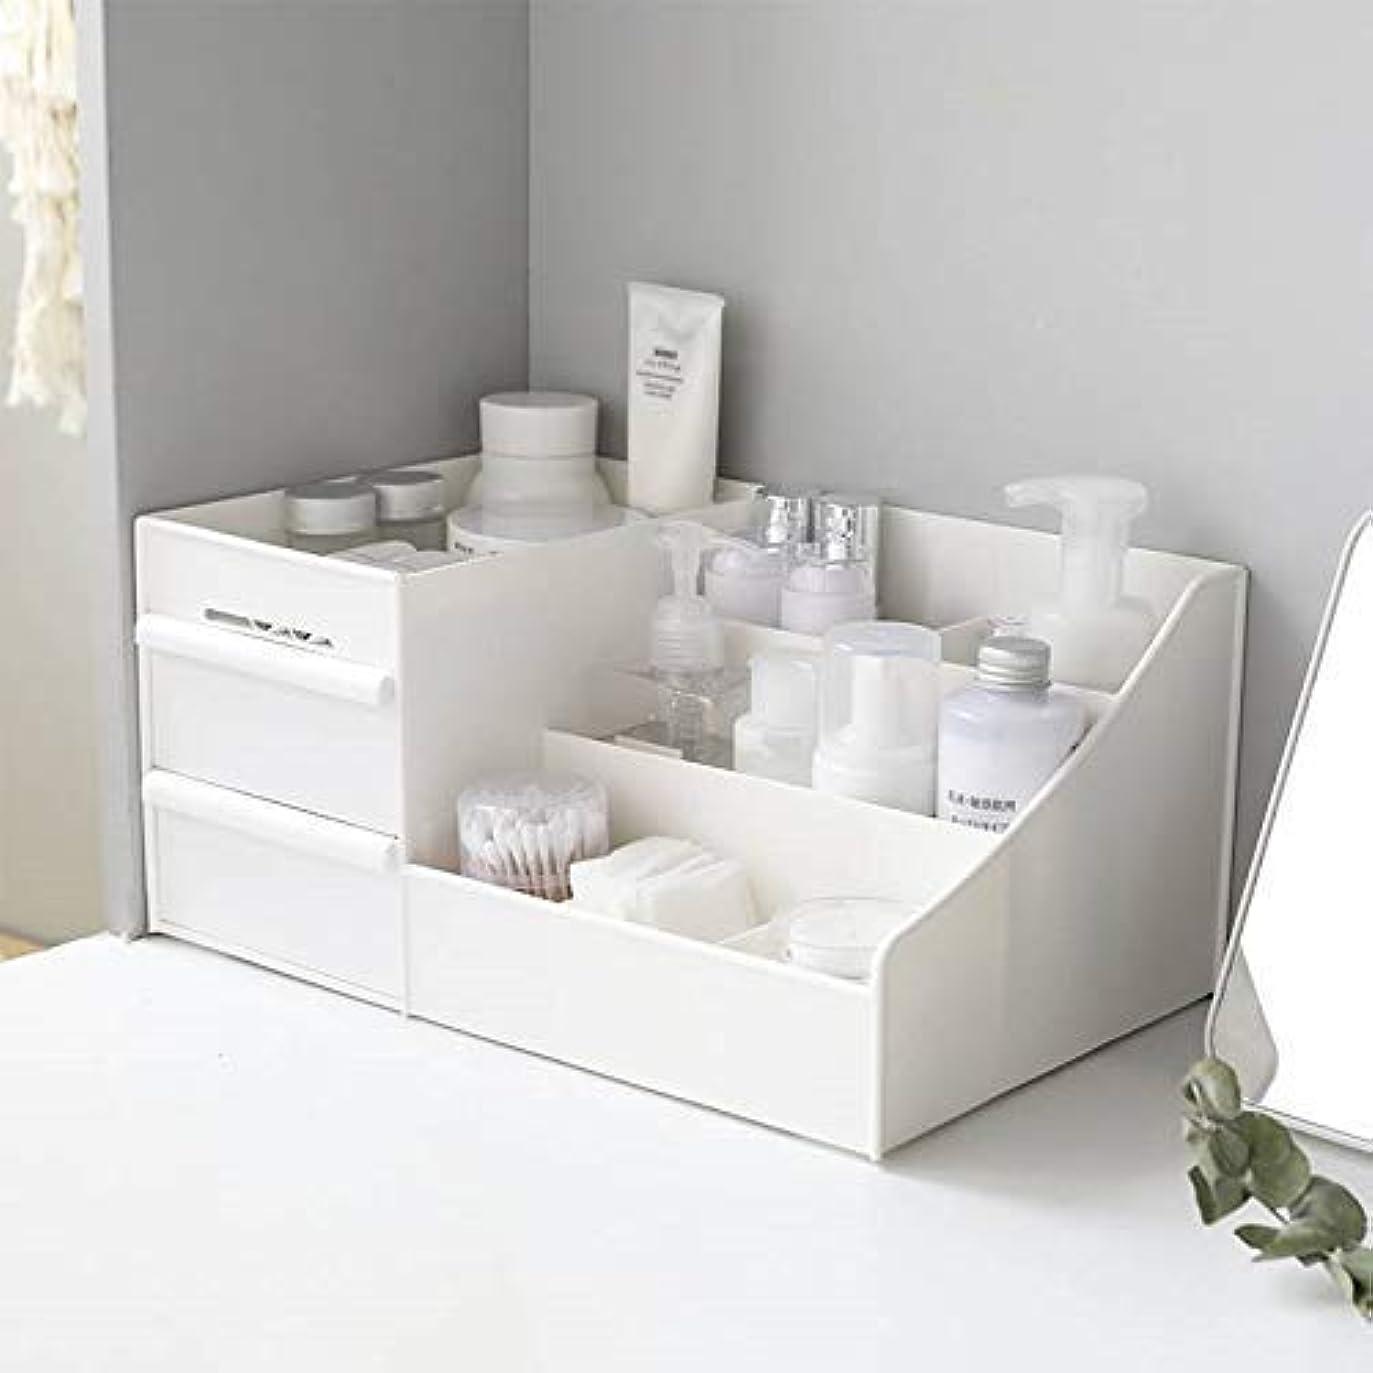 反逆者歴史家保護するPlastic Storage Box Makeup Drawers Organizer Box Jewelry Container Make up Case Cosmetic Office Boxes Make Up Container Boxes